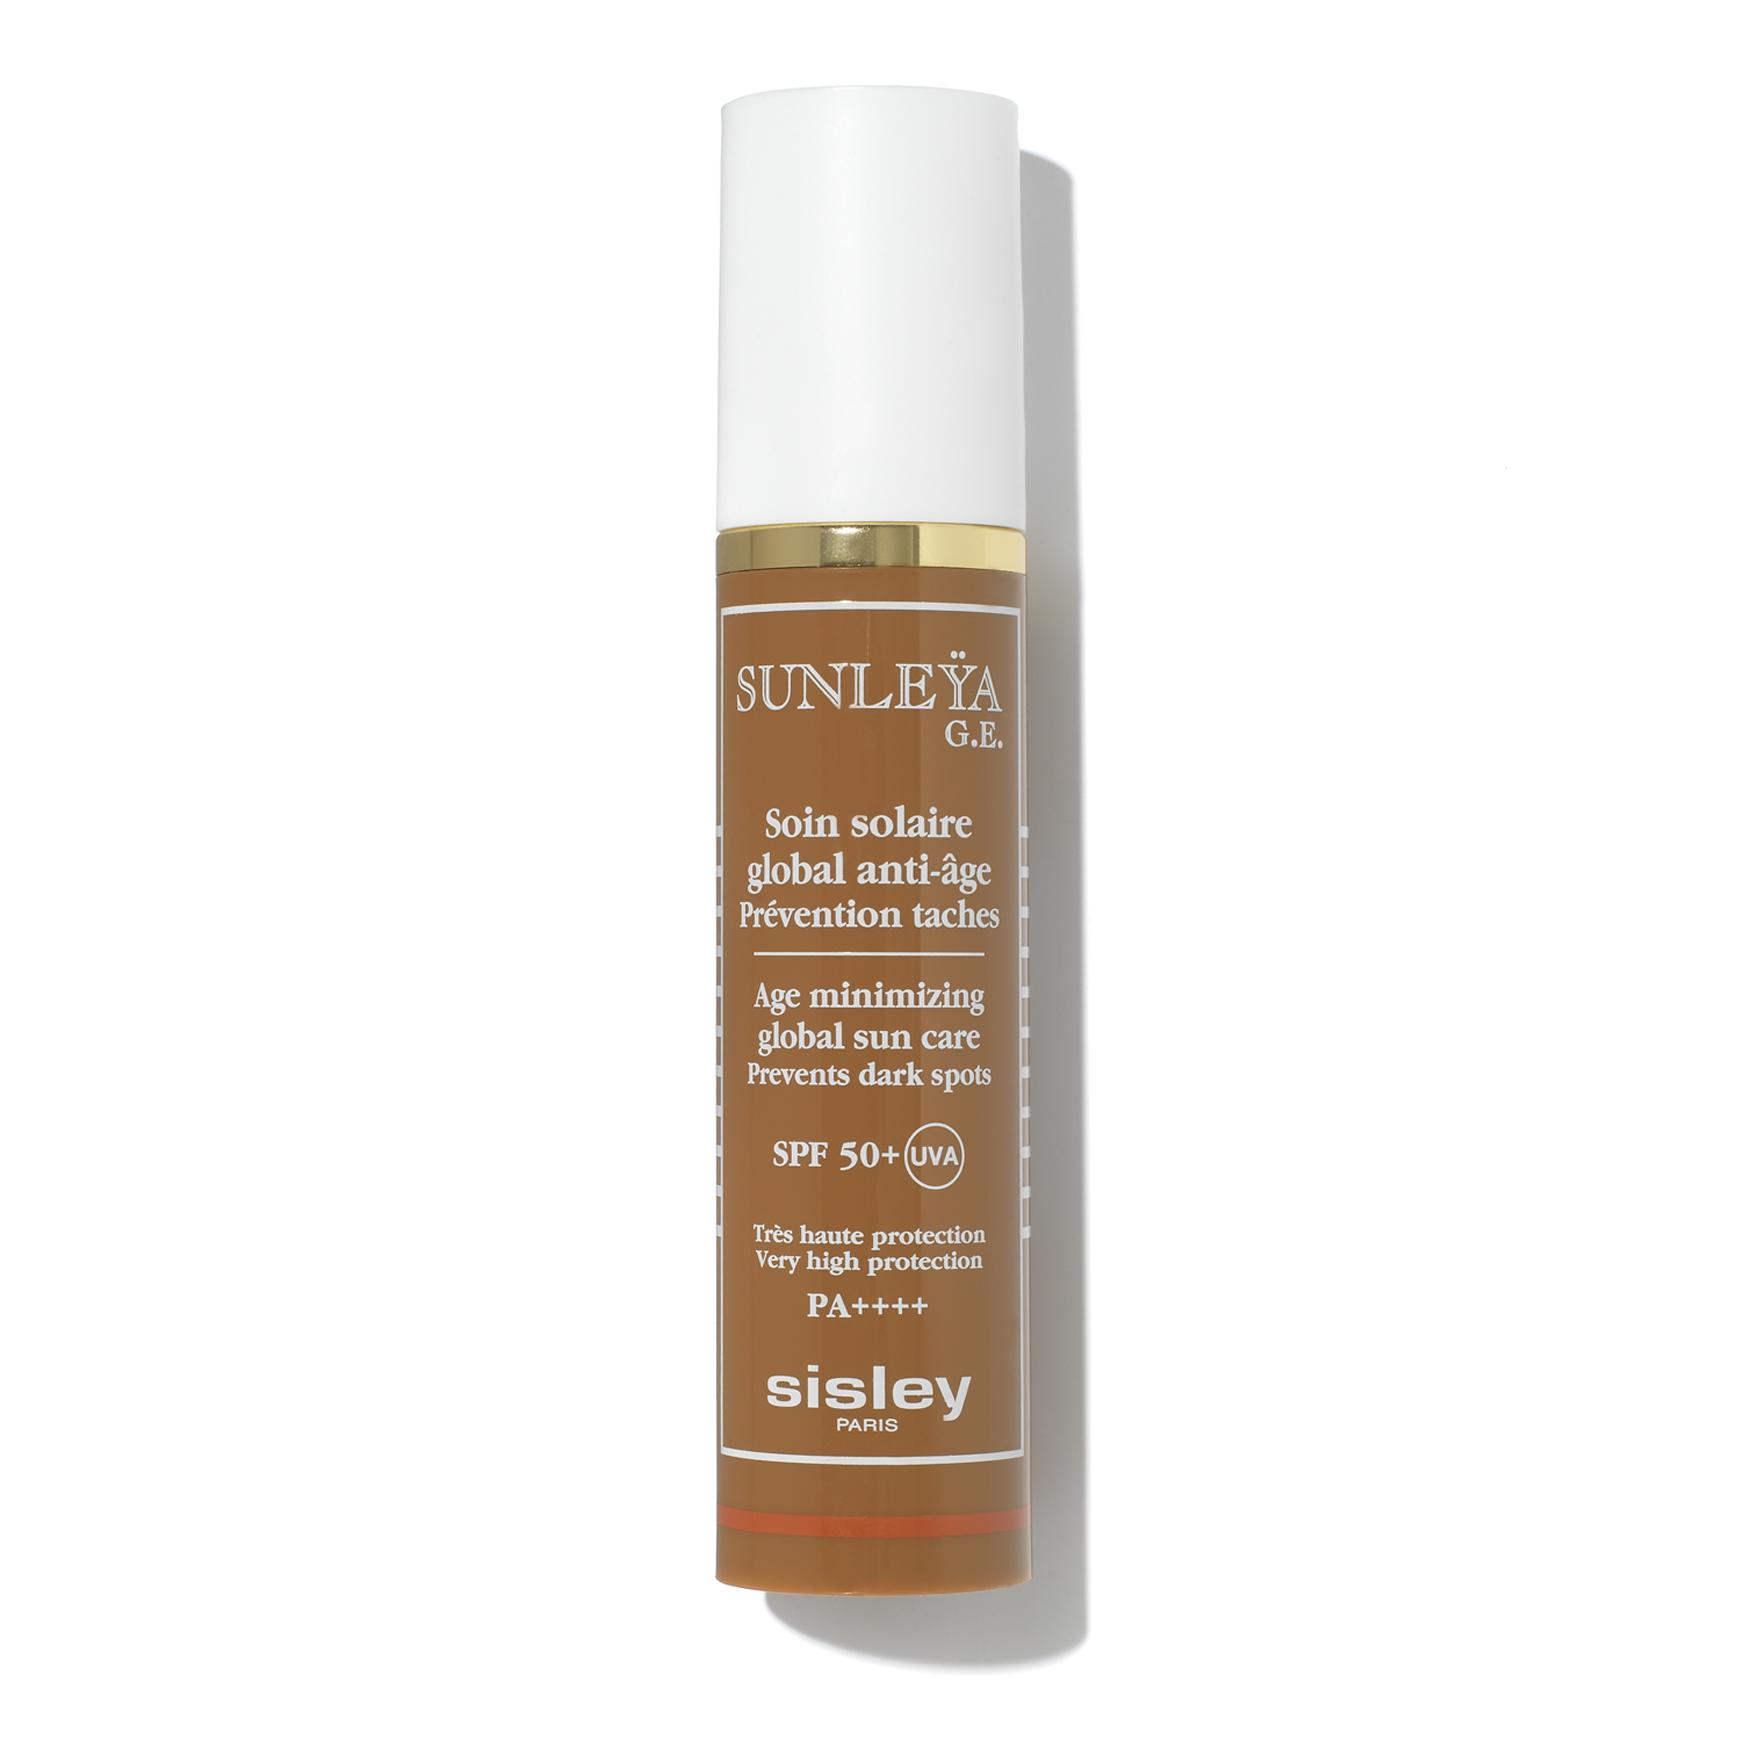 Sunleya G.E. Age Minimizing Global Sun Care SPF 50+, , large